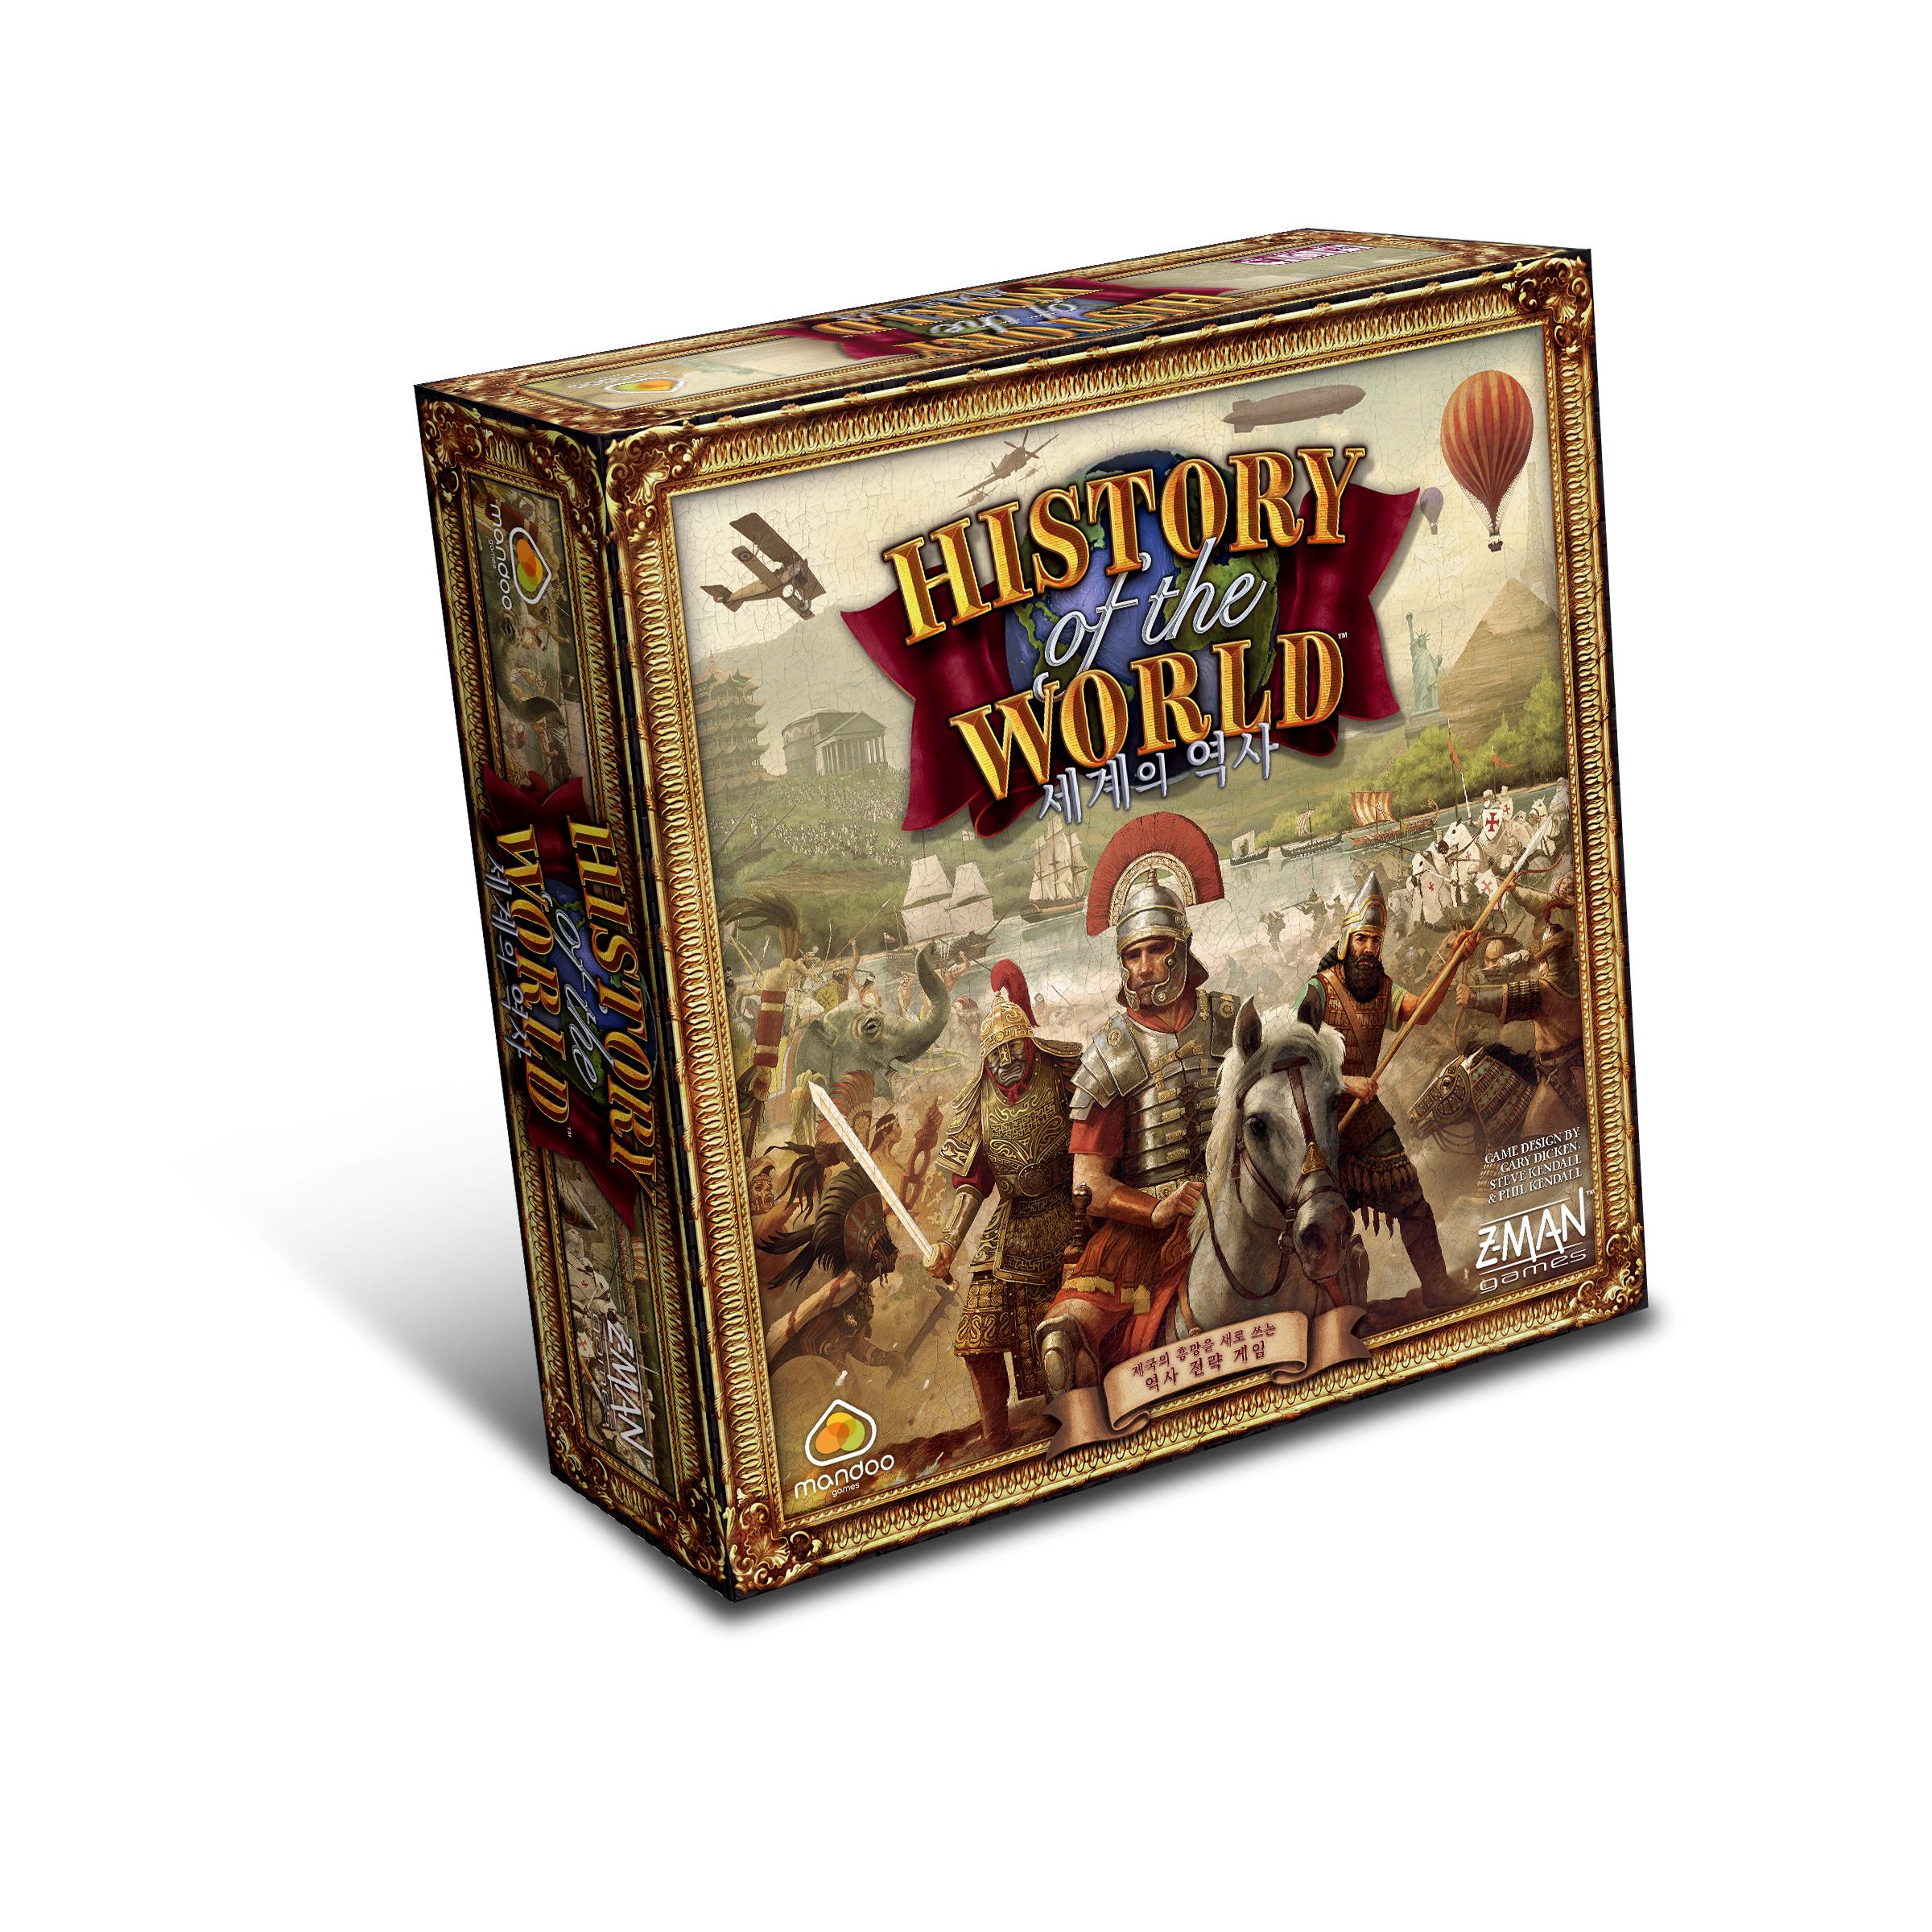 세계의 역사